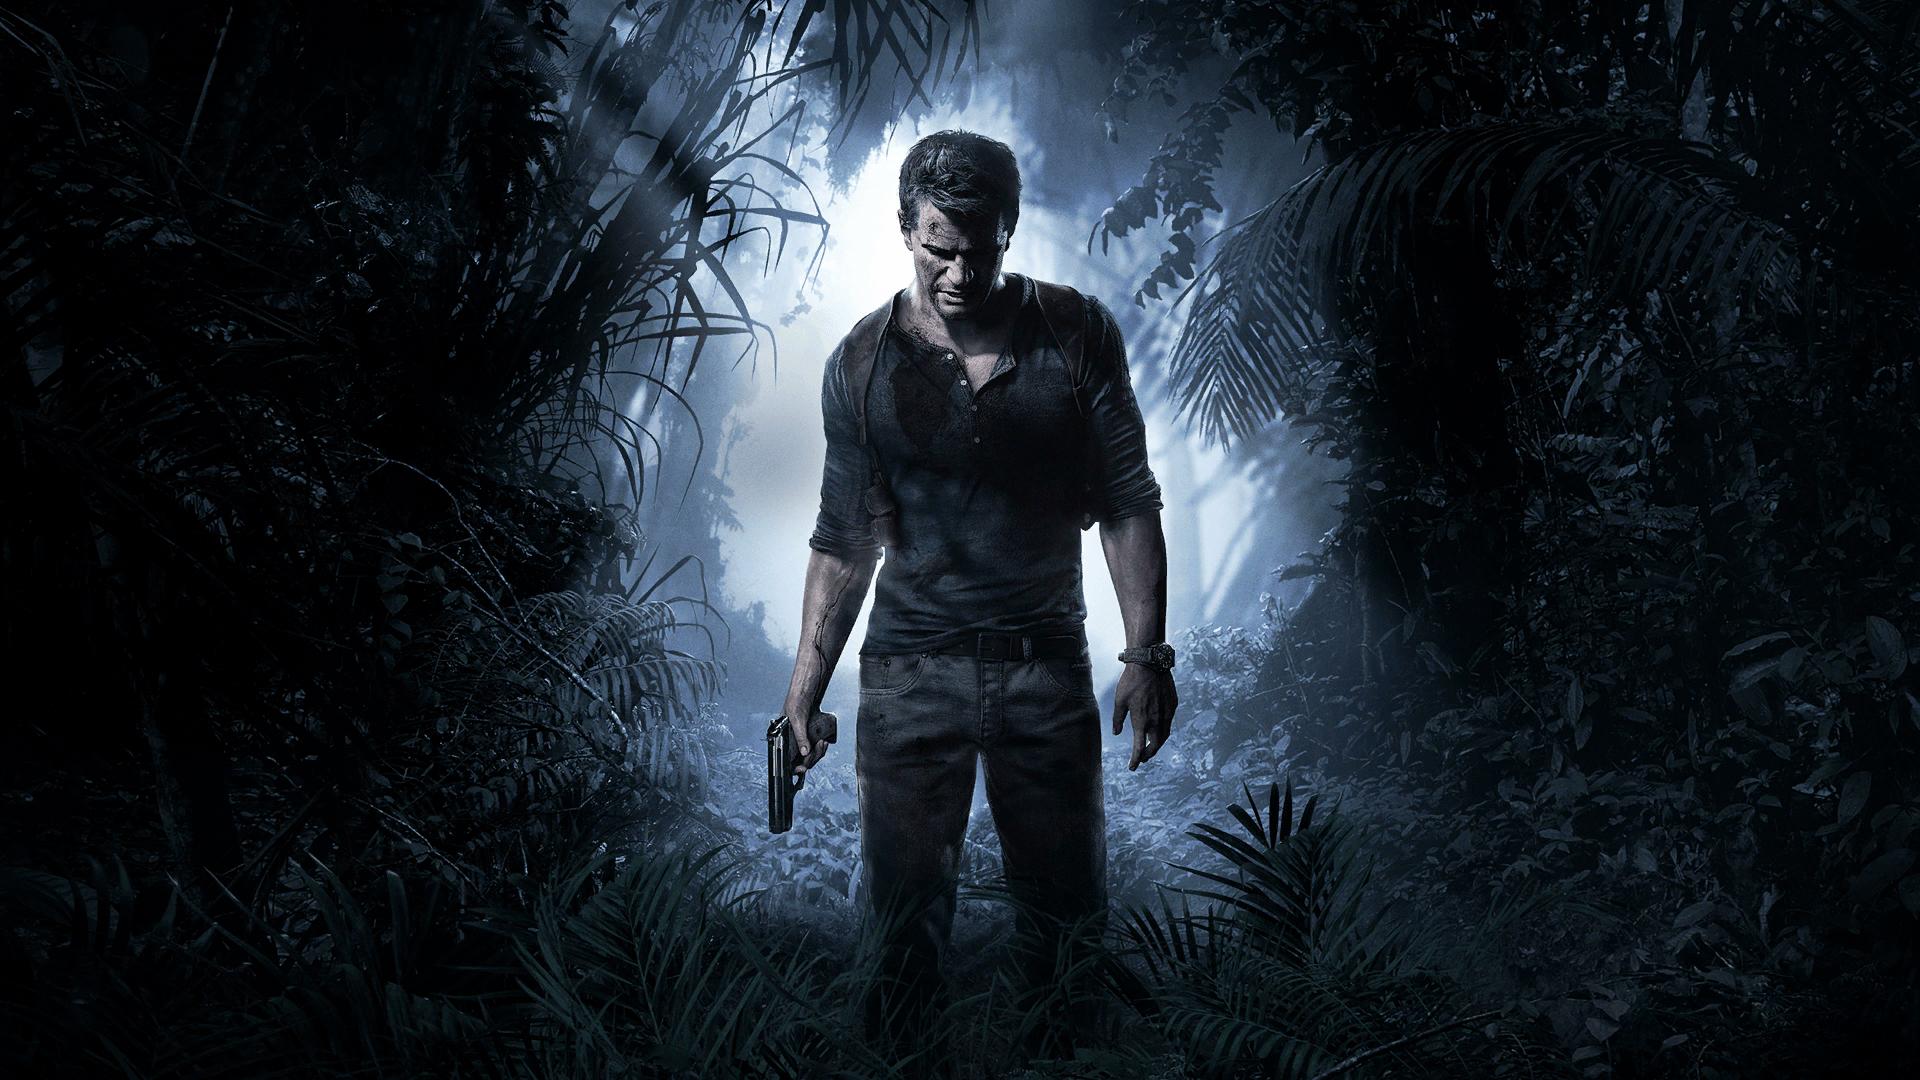 نسخه سینمایی «Uncharted» در راه است